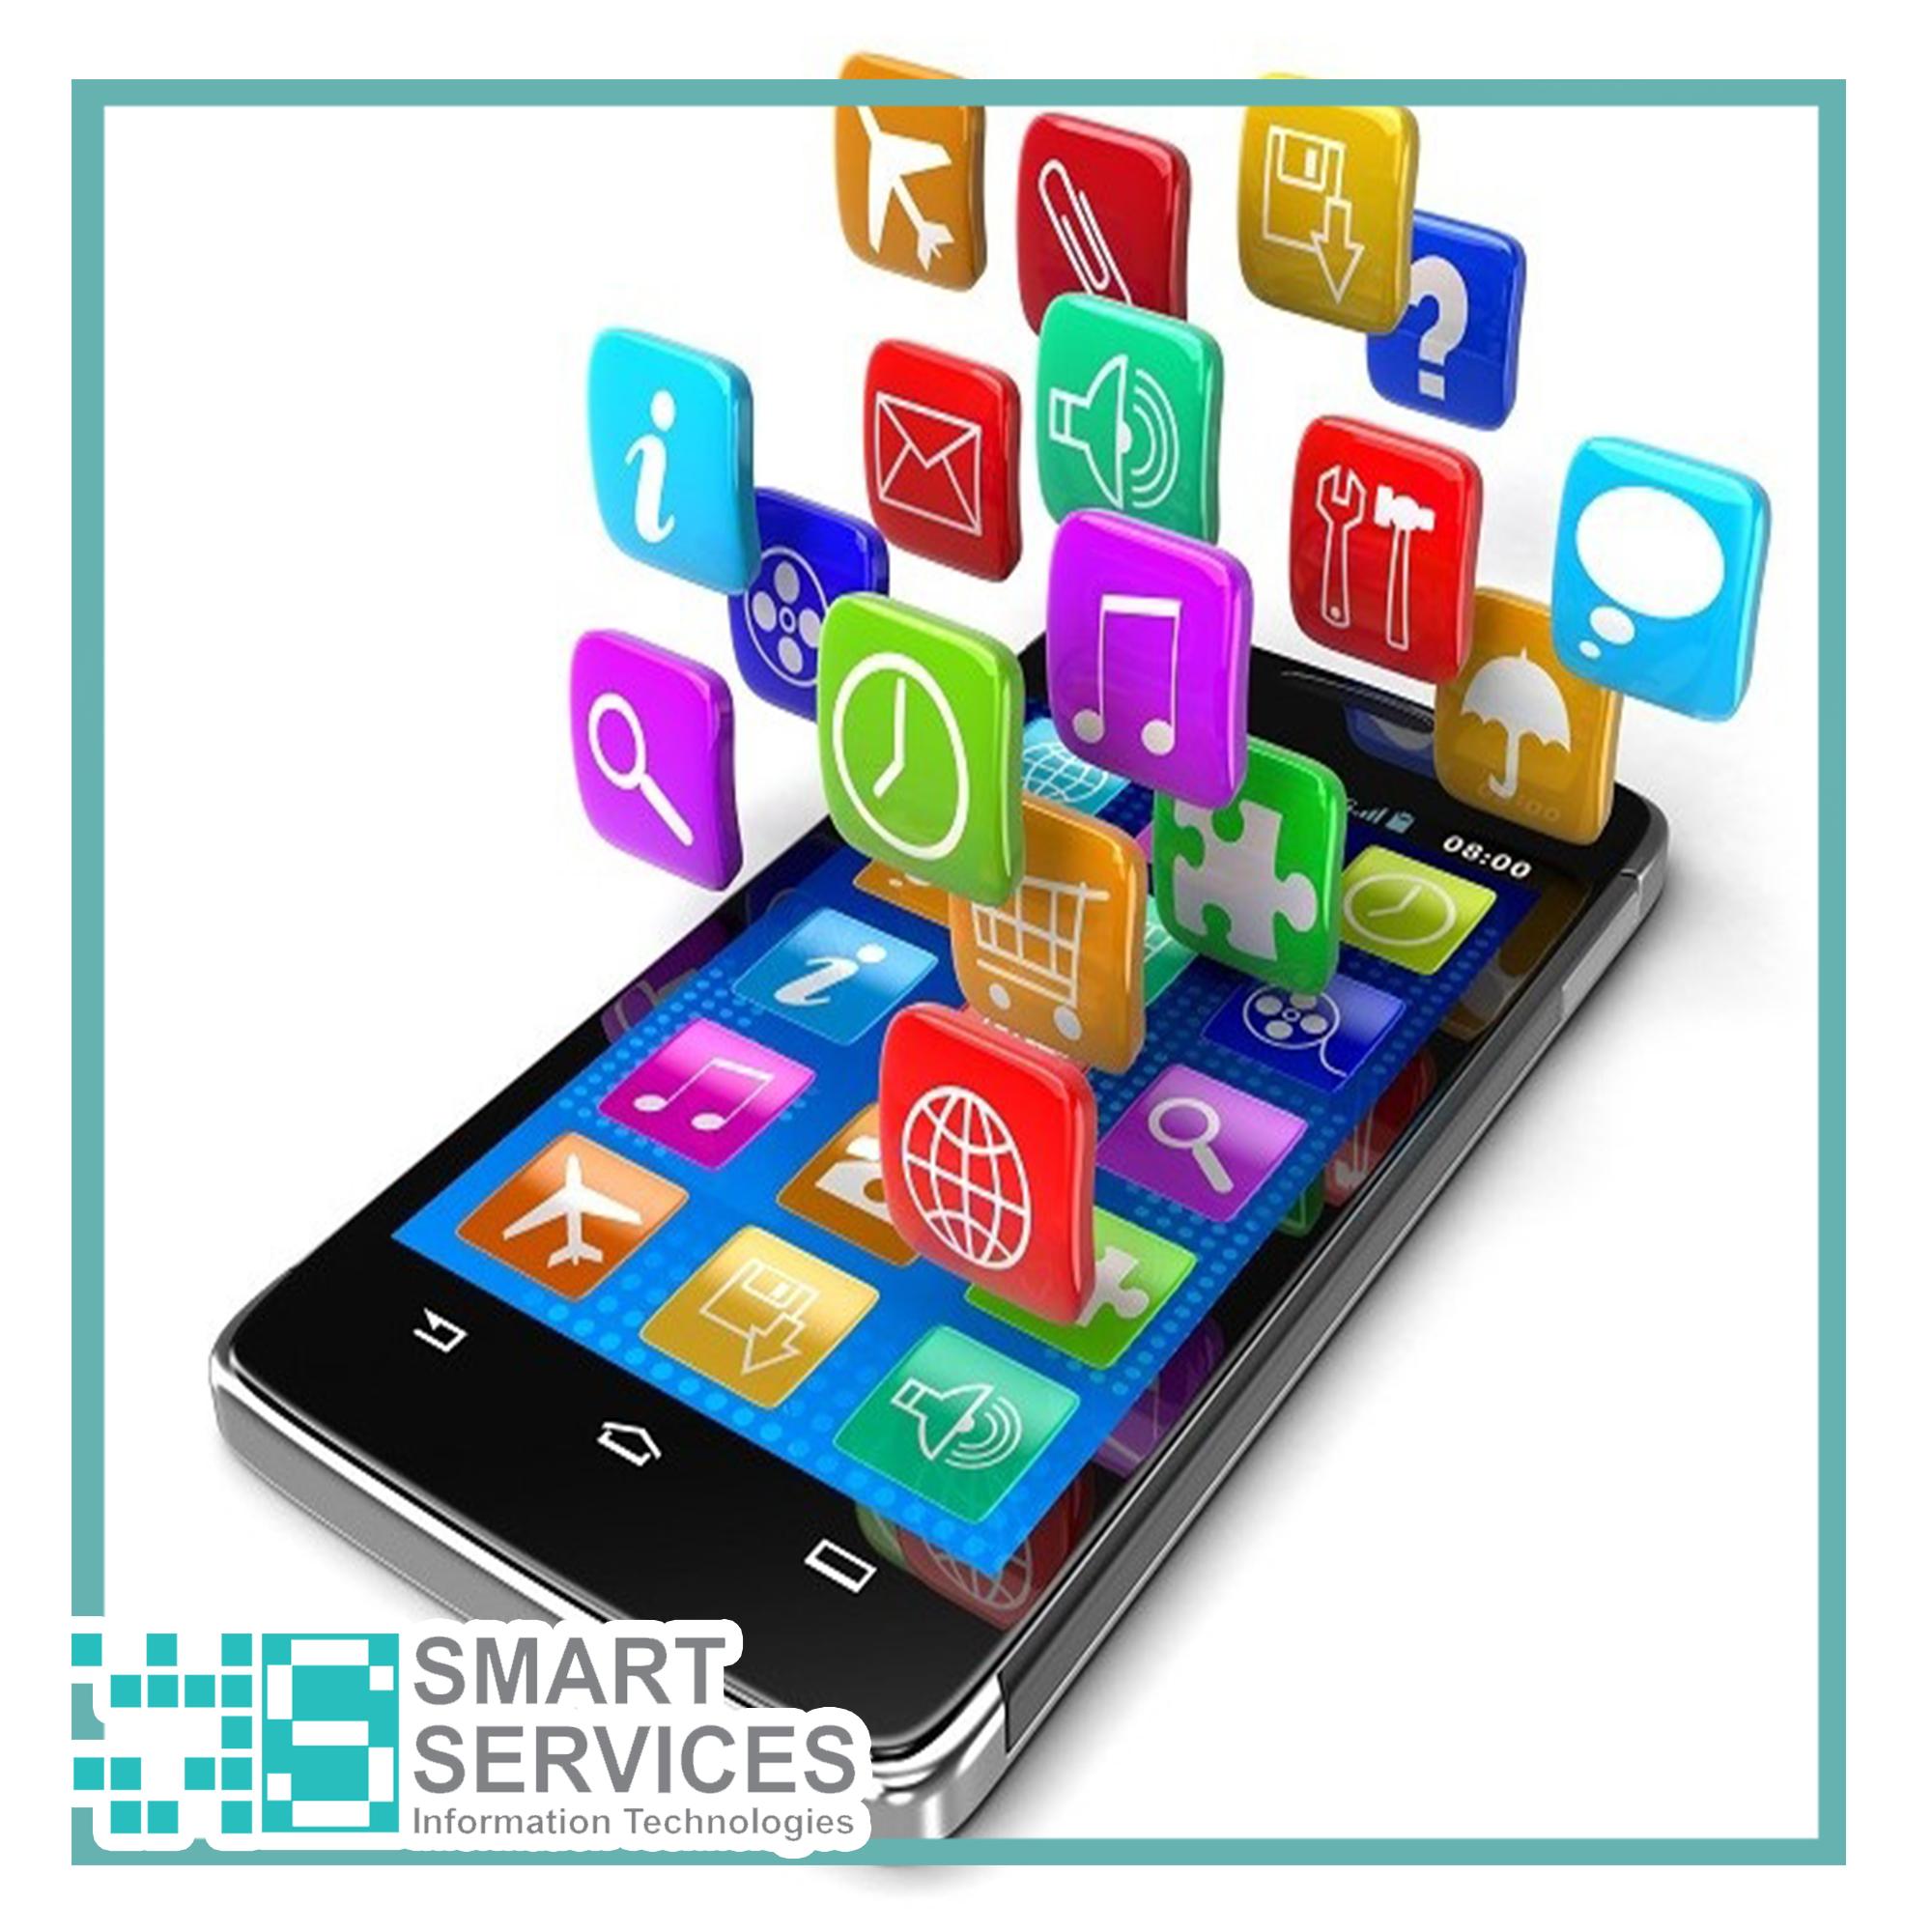 تطبيقات الهواتف الذكي لها اهمية كبرى فى نجاح مشروعك 1 تعزيز العلامة التجارية الخاصة بمشروعك أو الصورة الذهنية لدى المستهلك Phone Application Phone Apps Phone